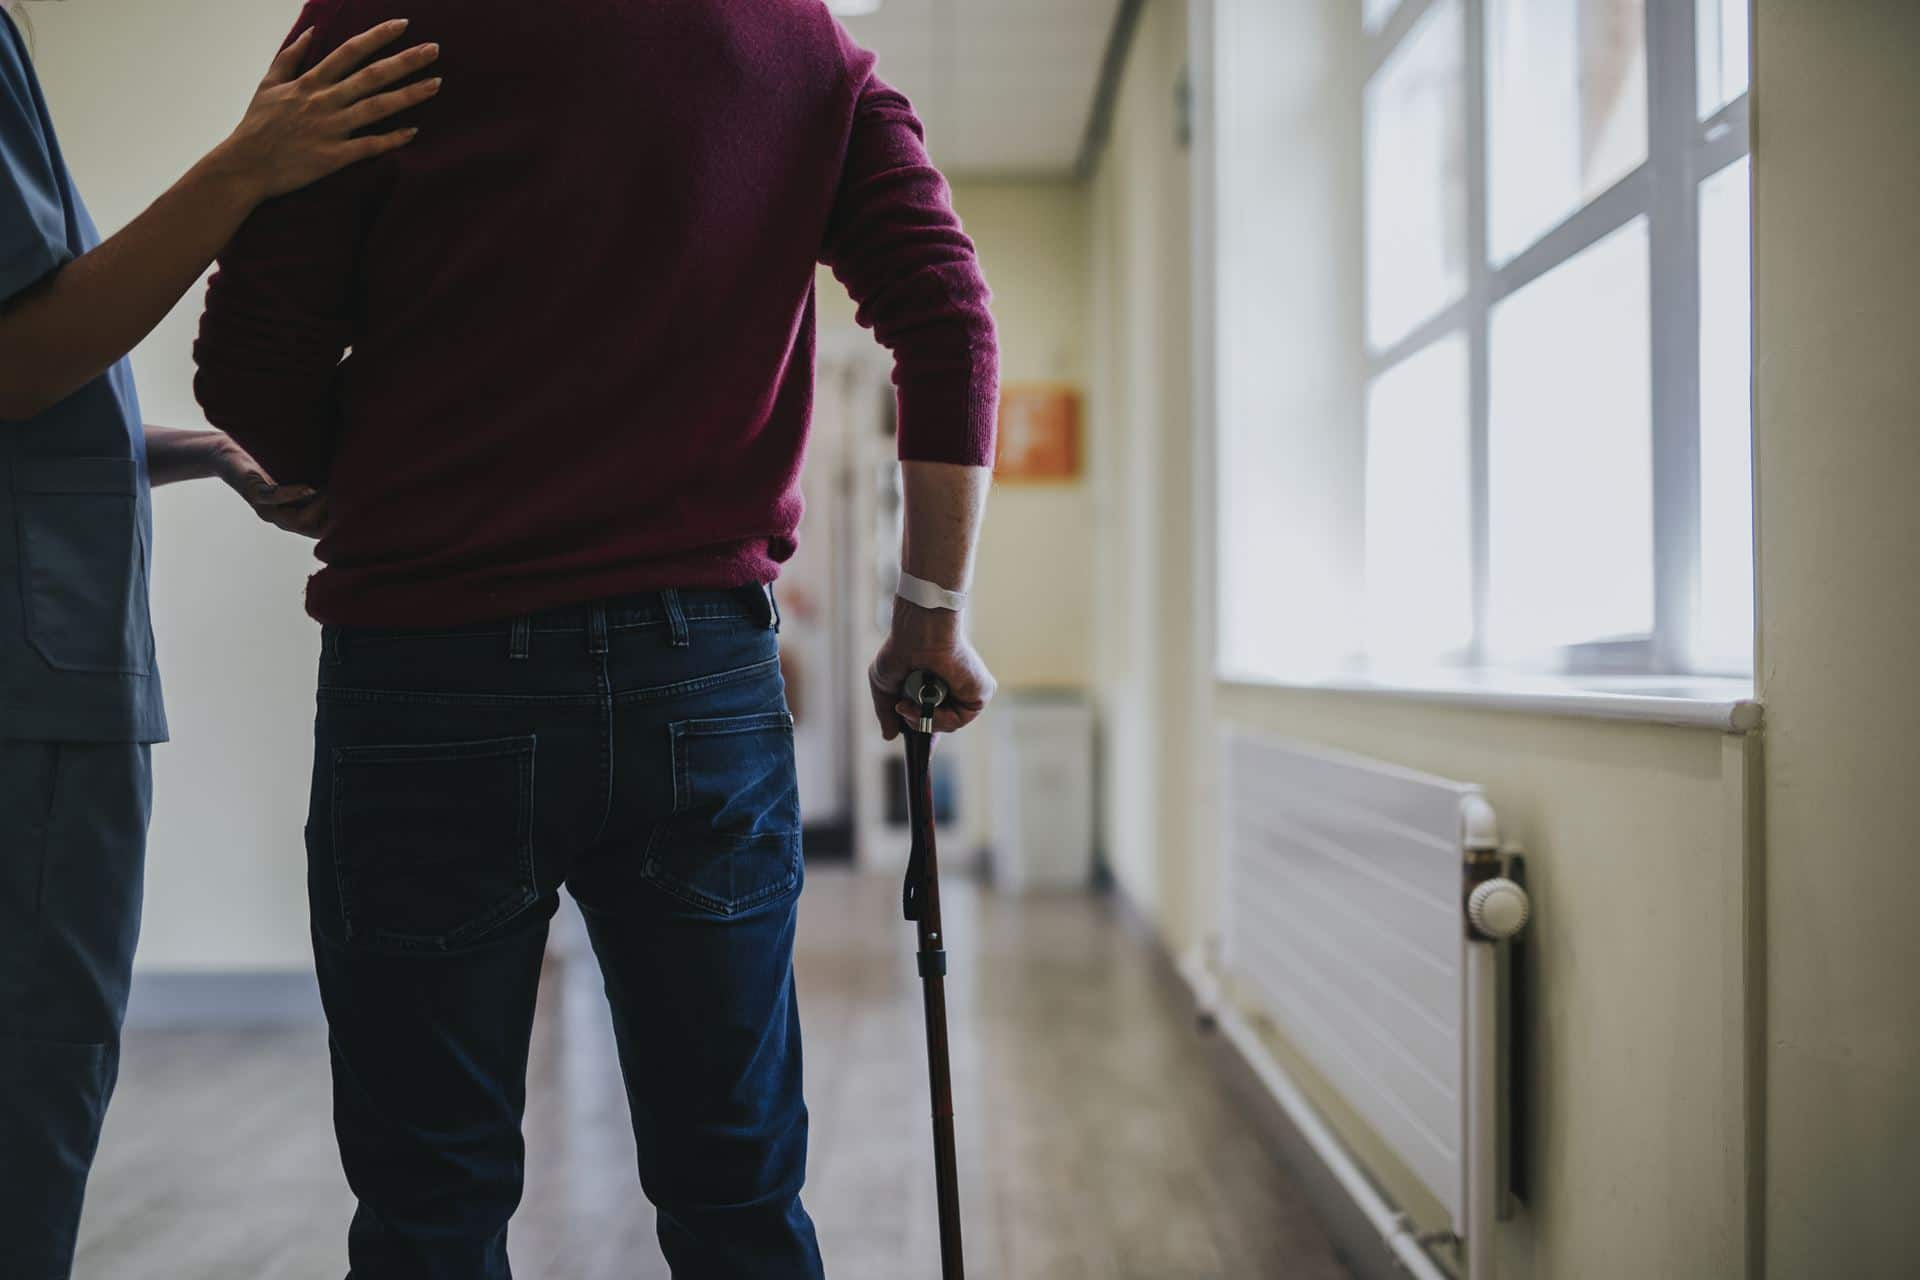 שיקום הליכה לאחר אירוע מוחי - Restart Therapy שיקום למבוגרים באופן פרטי